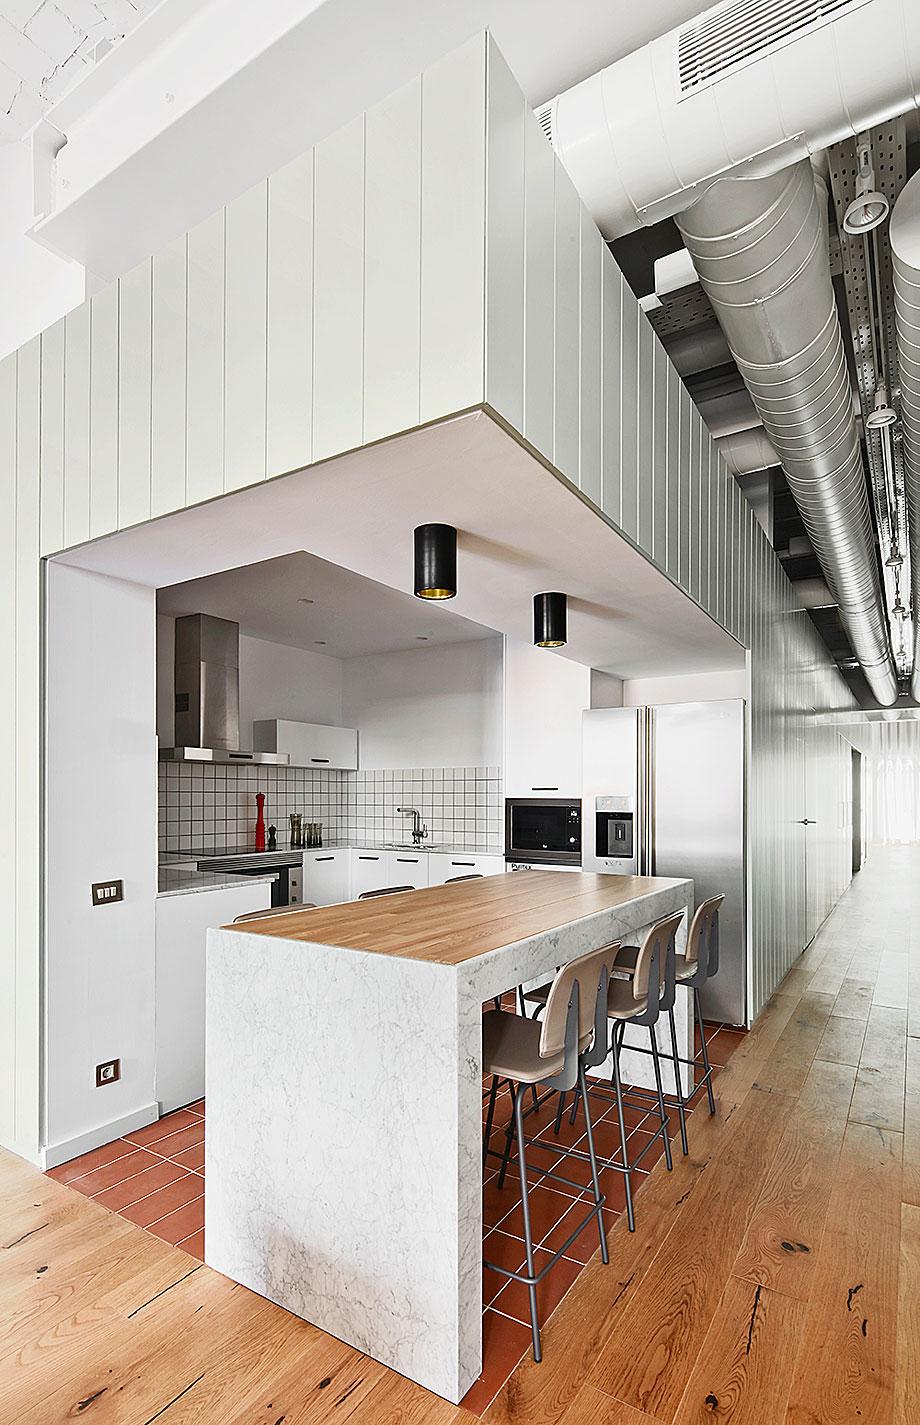 vivienda-caspe-barcelona-bonba-studio (12)